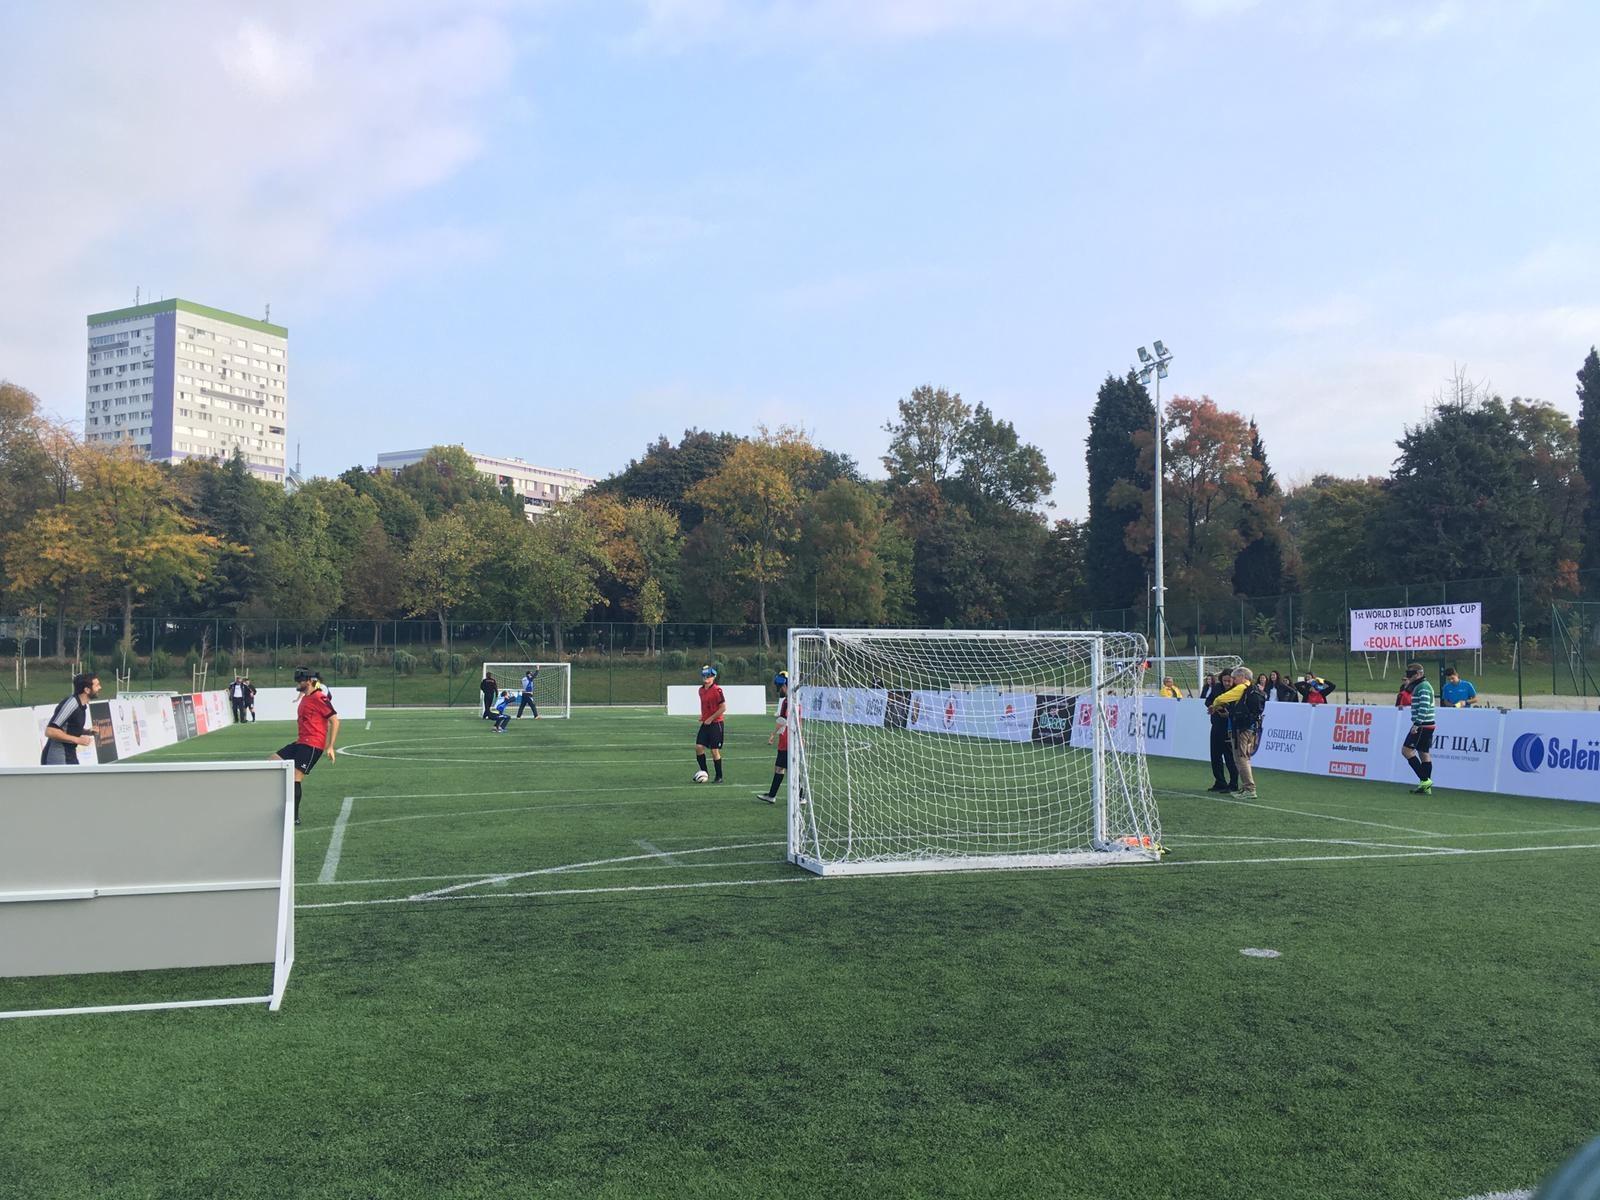 Ein Blick über das Spielfeld, auf dem die inoffizelle Club-WM ausgetragen wird. Foto: Mania